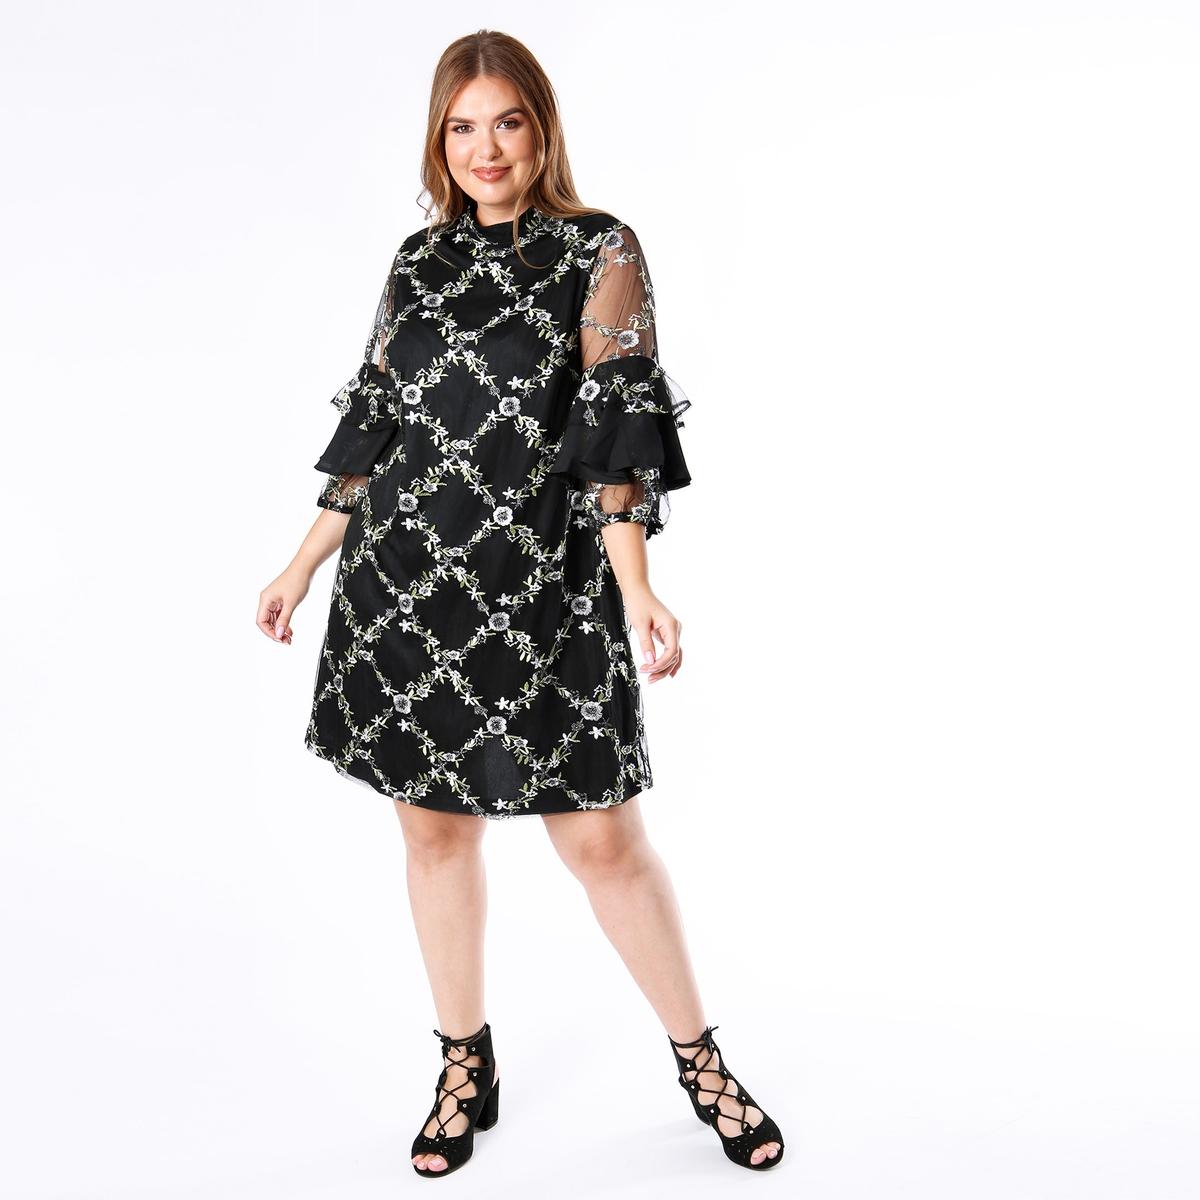 Платье с воротником-стойкой, цветочным рисунком и воланами платье с цветочным рисунком и небольшими воланами в полоску спереди